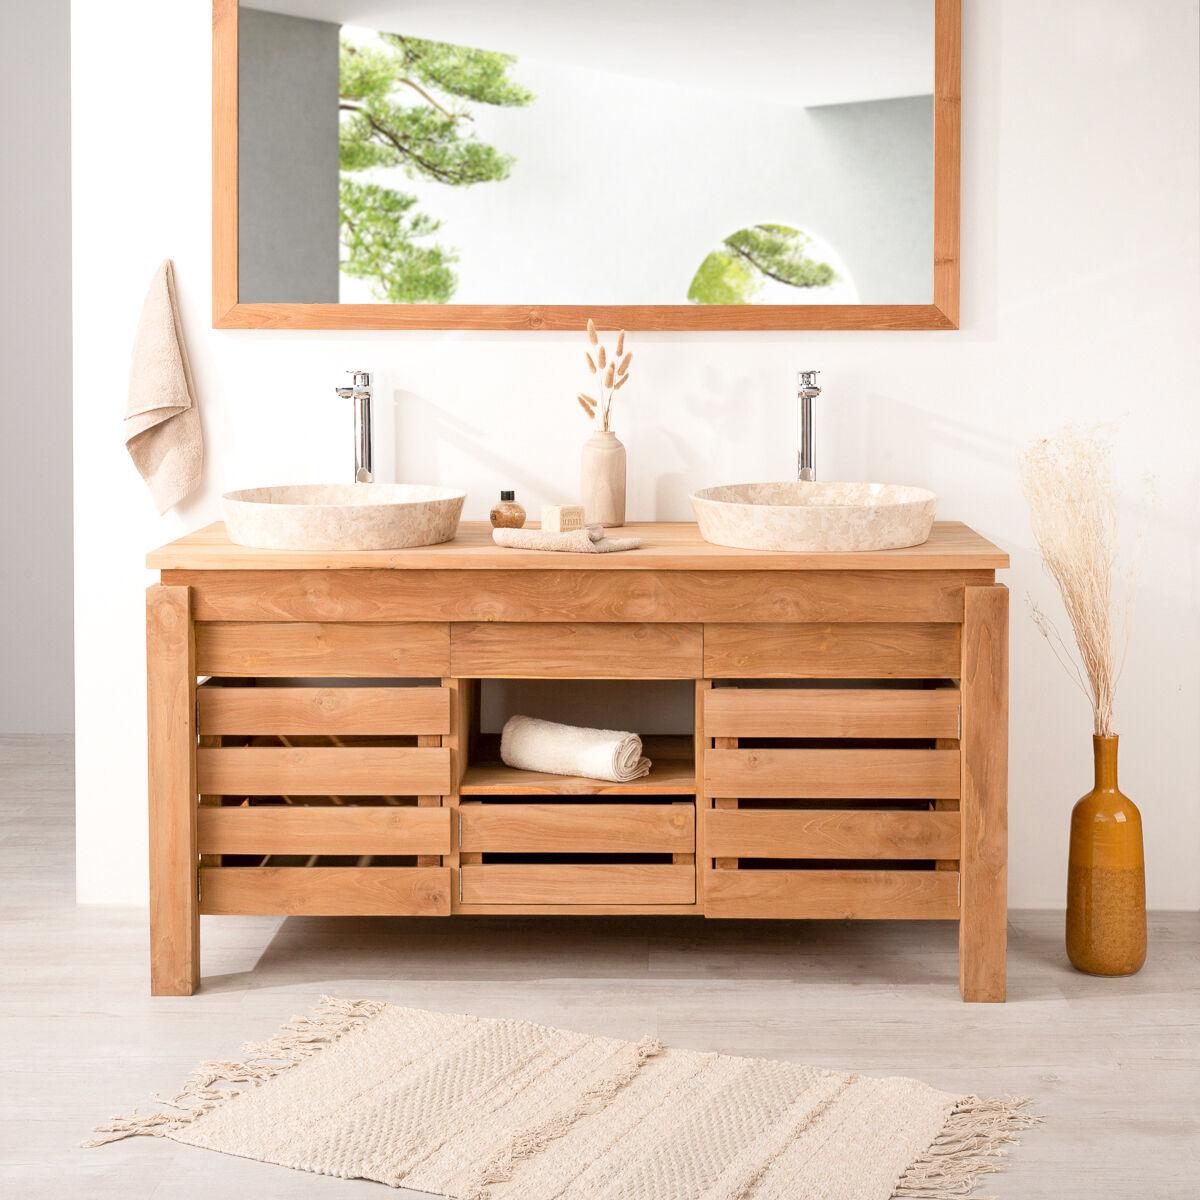 Wanda Collection Meuble de salle de bain en teck ZEN double vasque 145cm